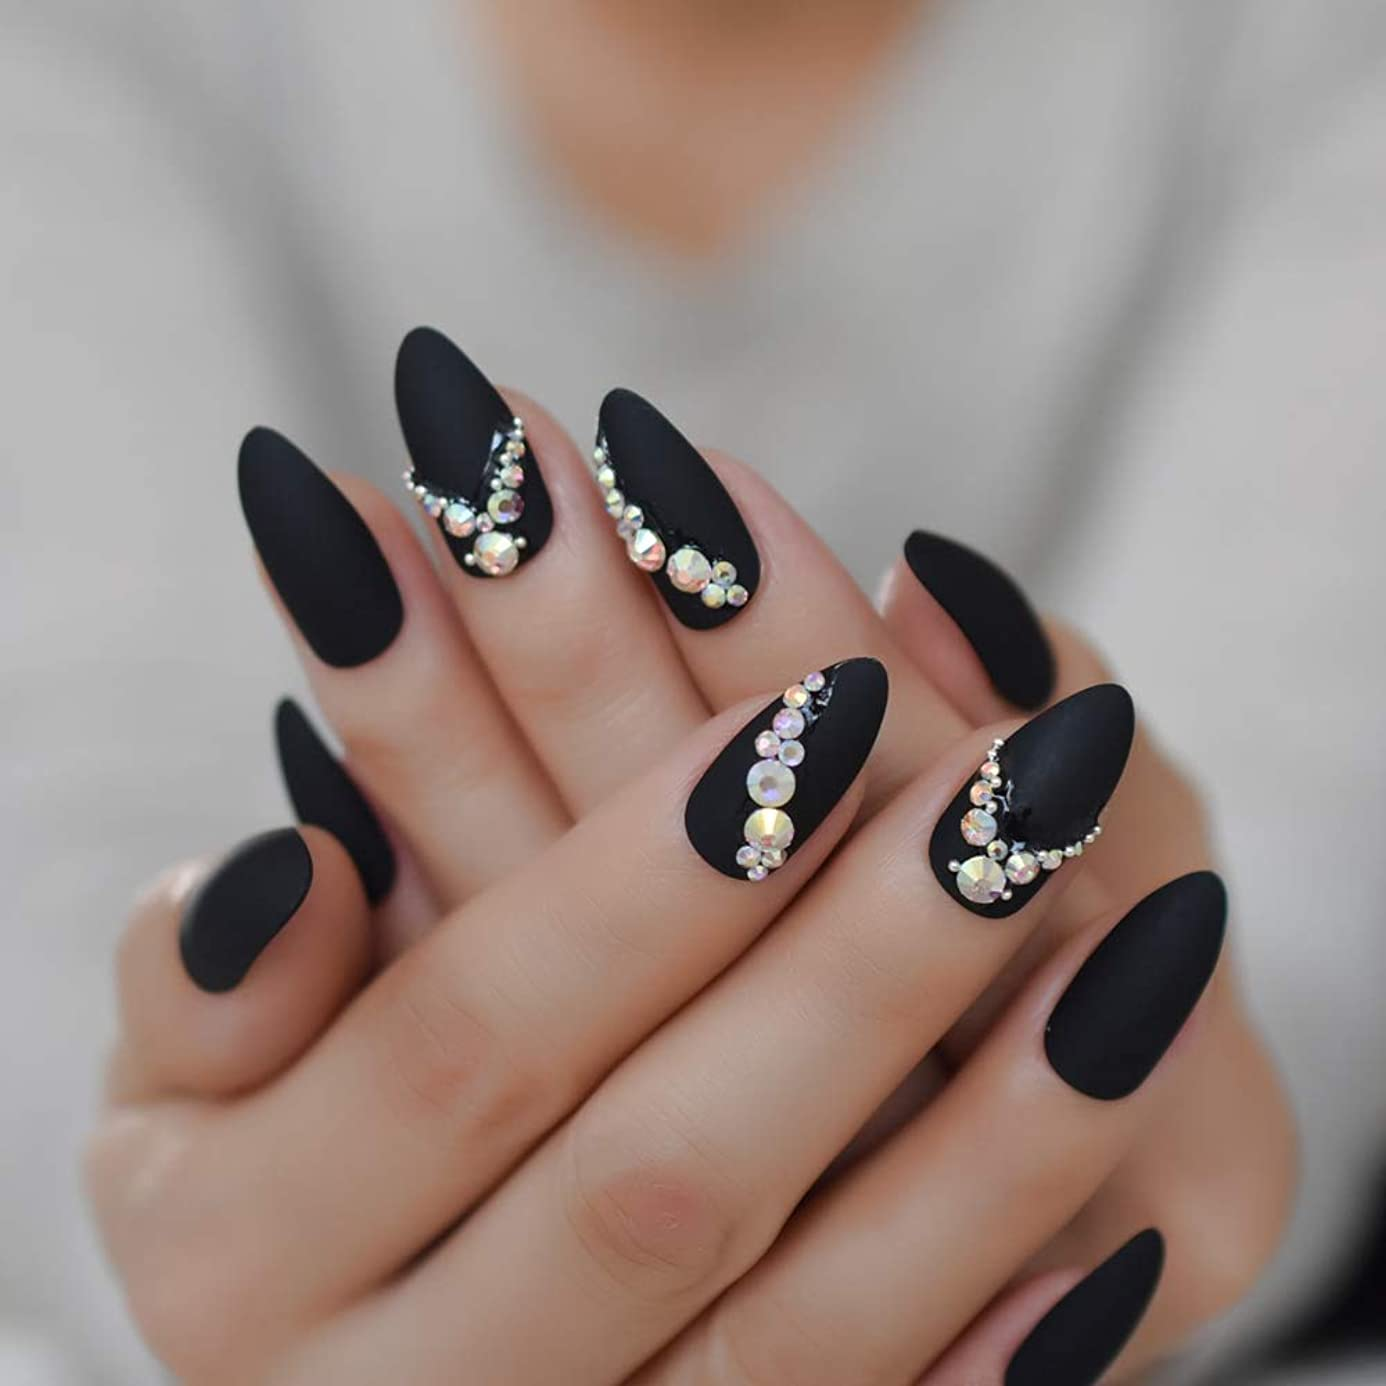 閉じ込めるステップケーキXUTXZKA きらめく光沢のあるラインストーンの装飾尖った爪人工偽爪